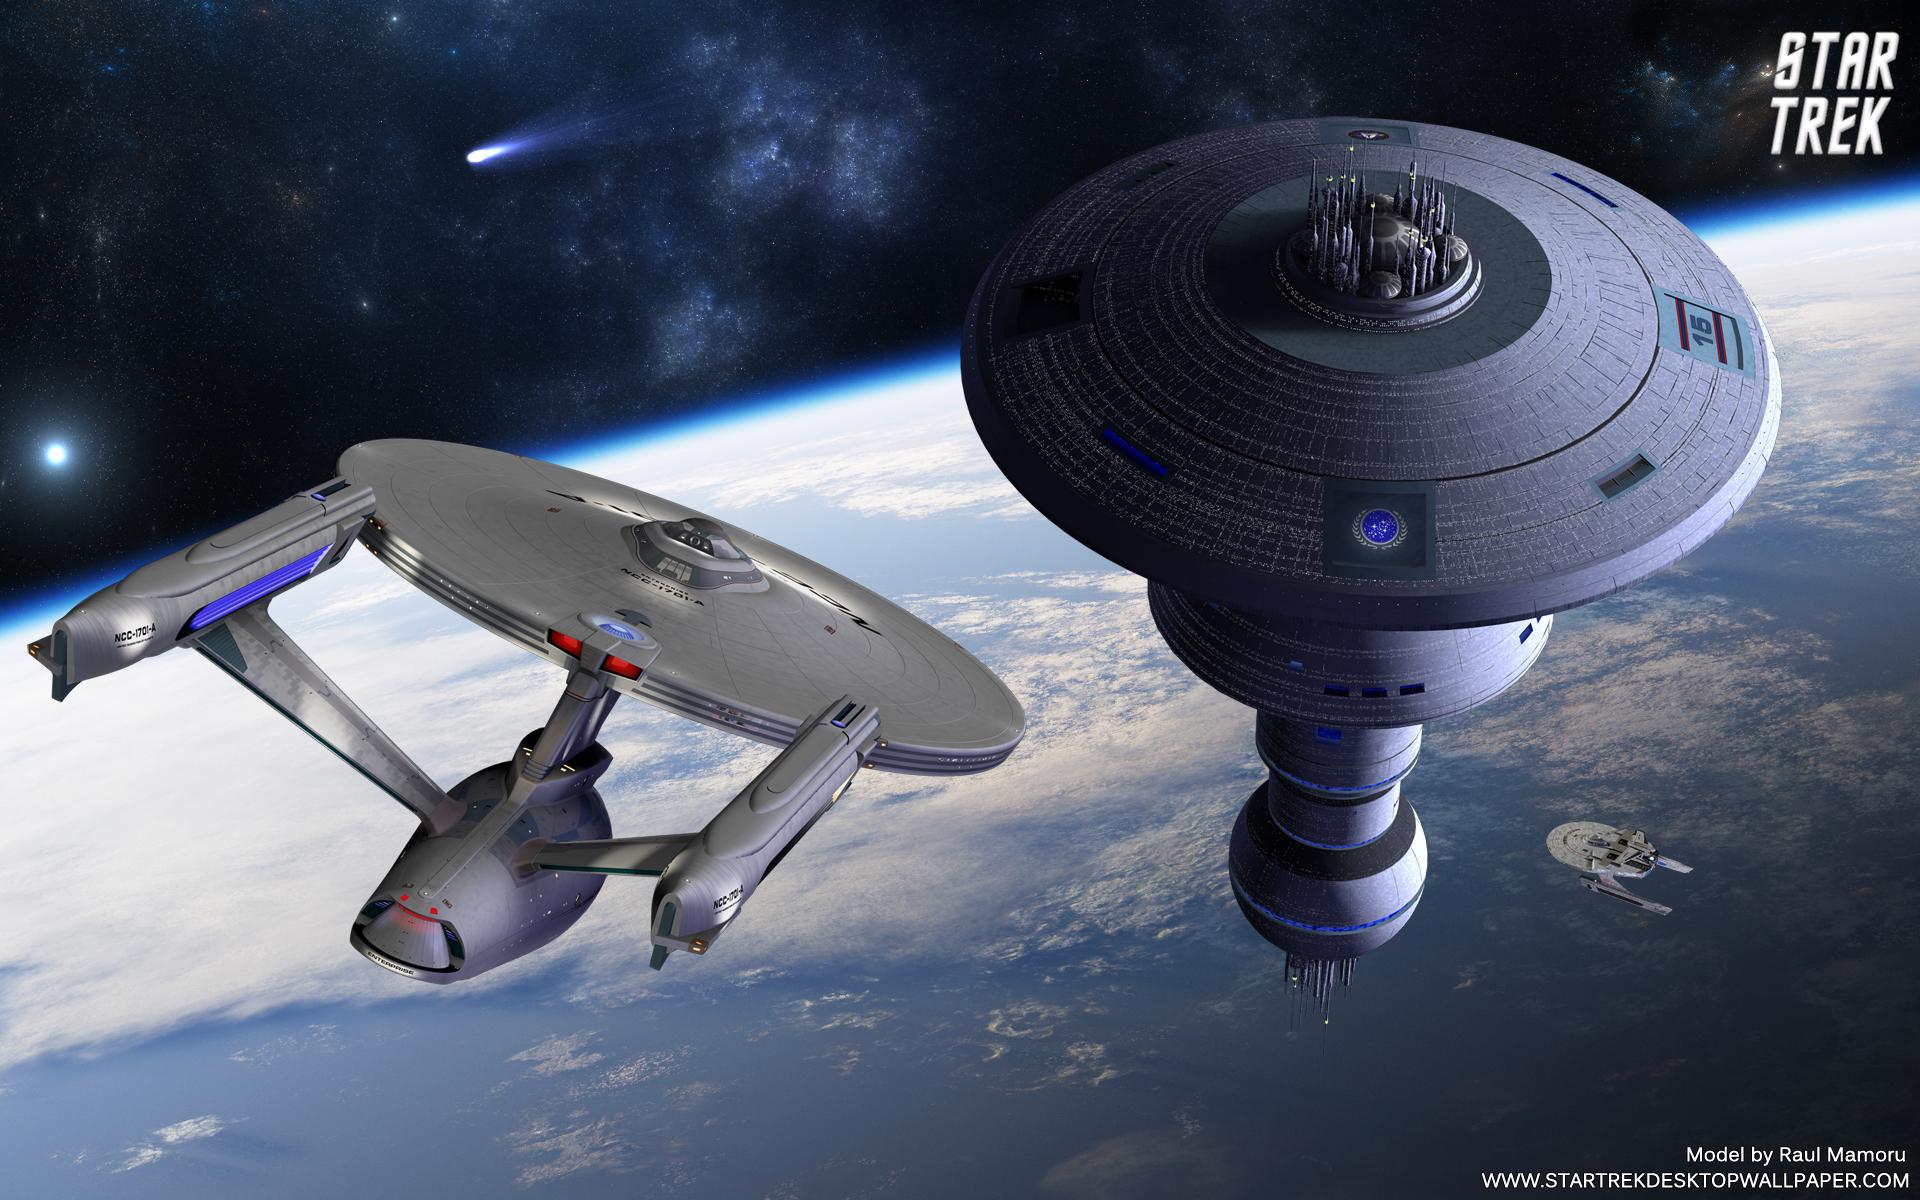 Star Trek Screensavers For Windows 10: Free Star Trek Wallpapers And Screensavers